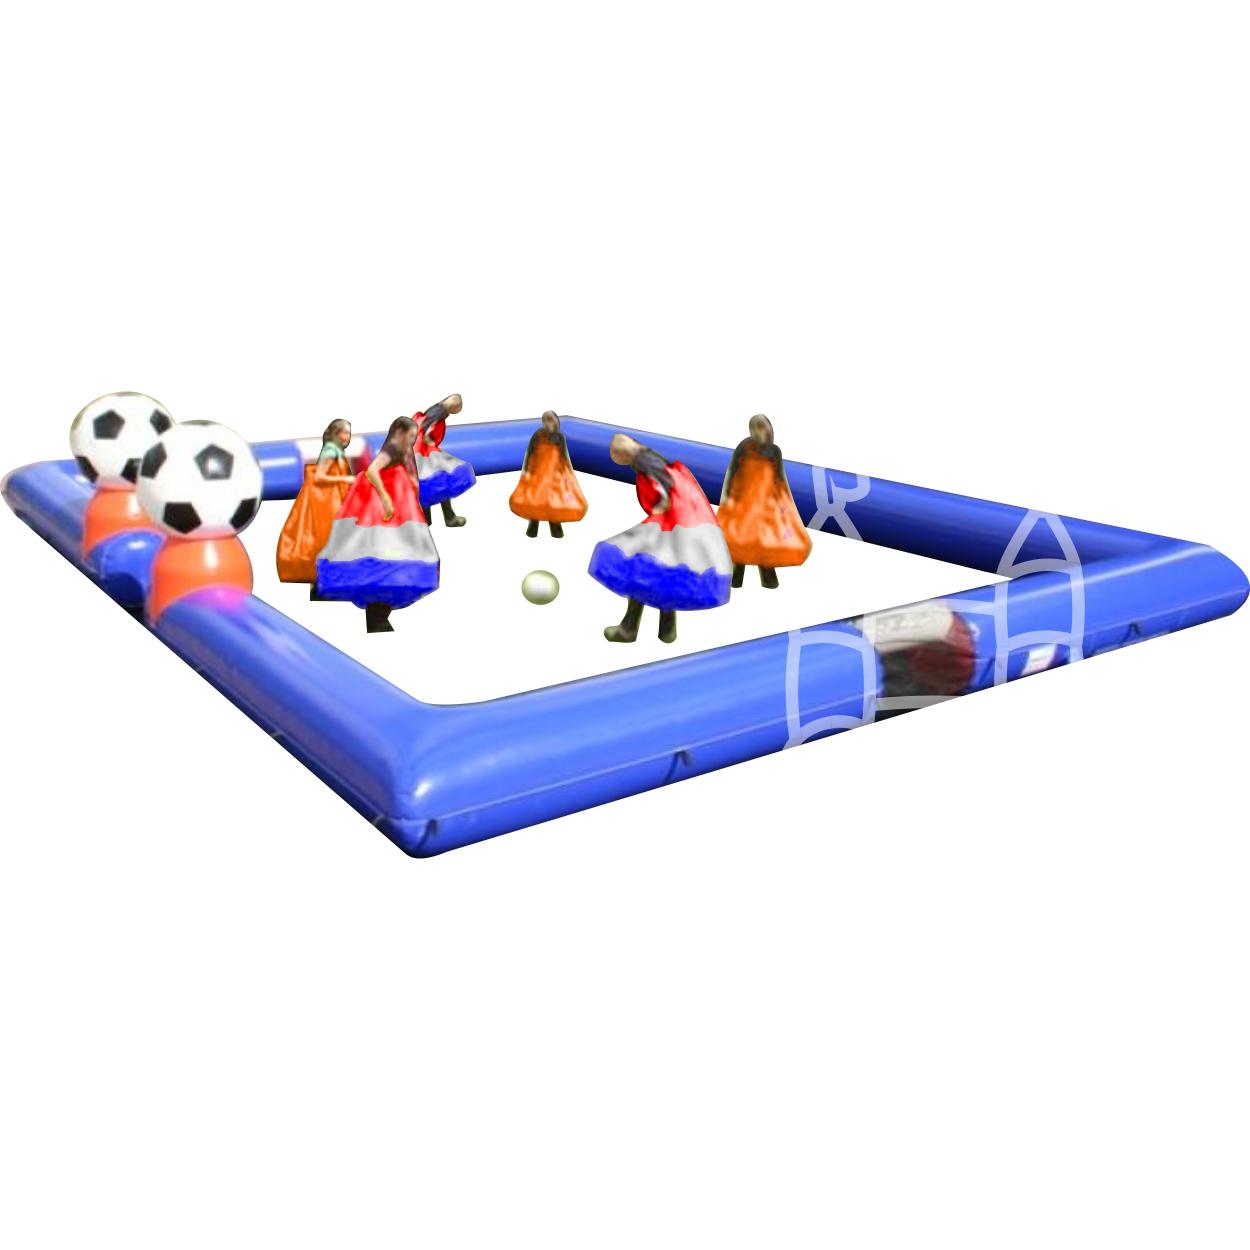 Rokvoetbal 3 tegen 3 incl boarding12x9m huren